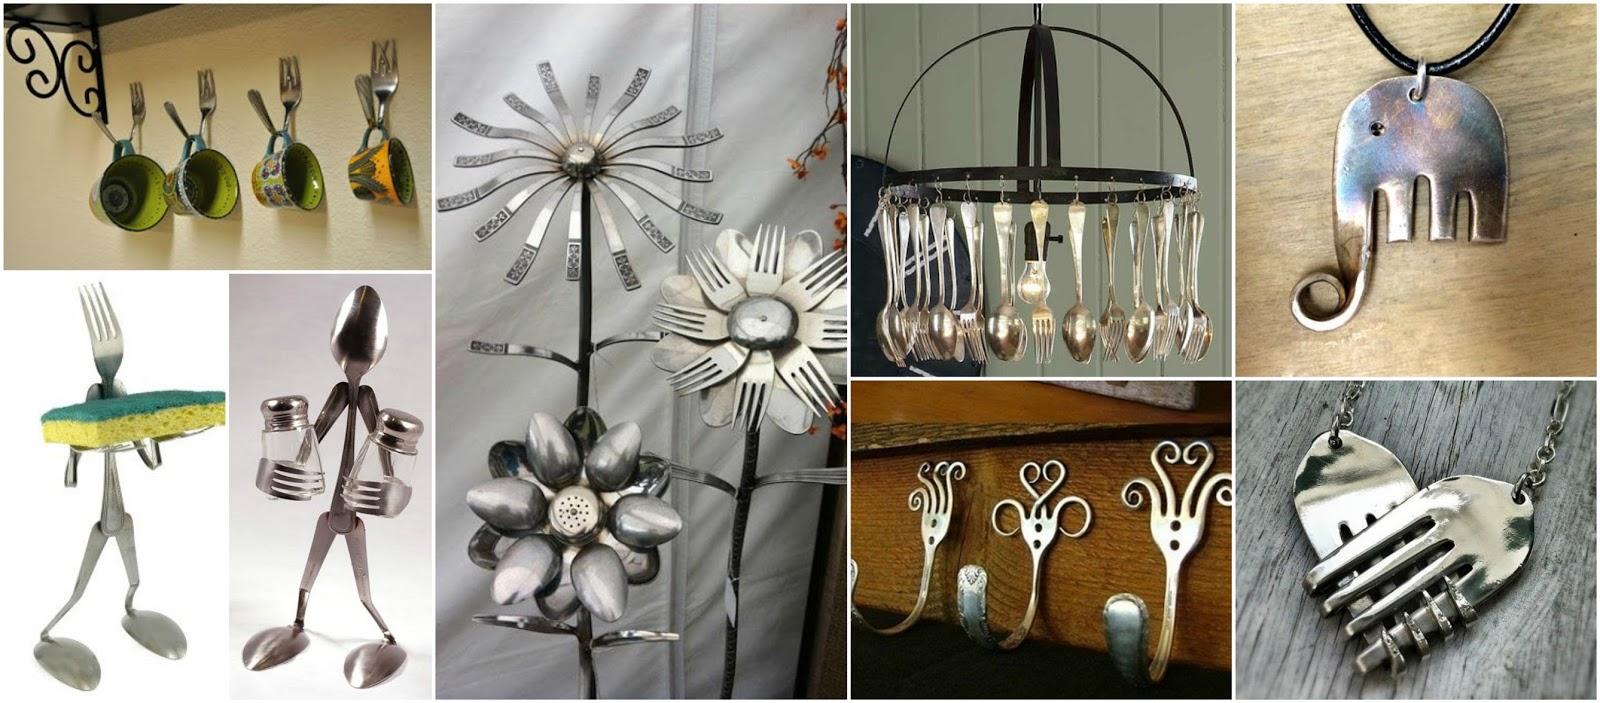 16 Espectaculares Adornos Decorativos Con Tenedores Y